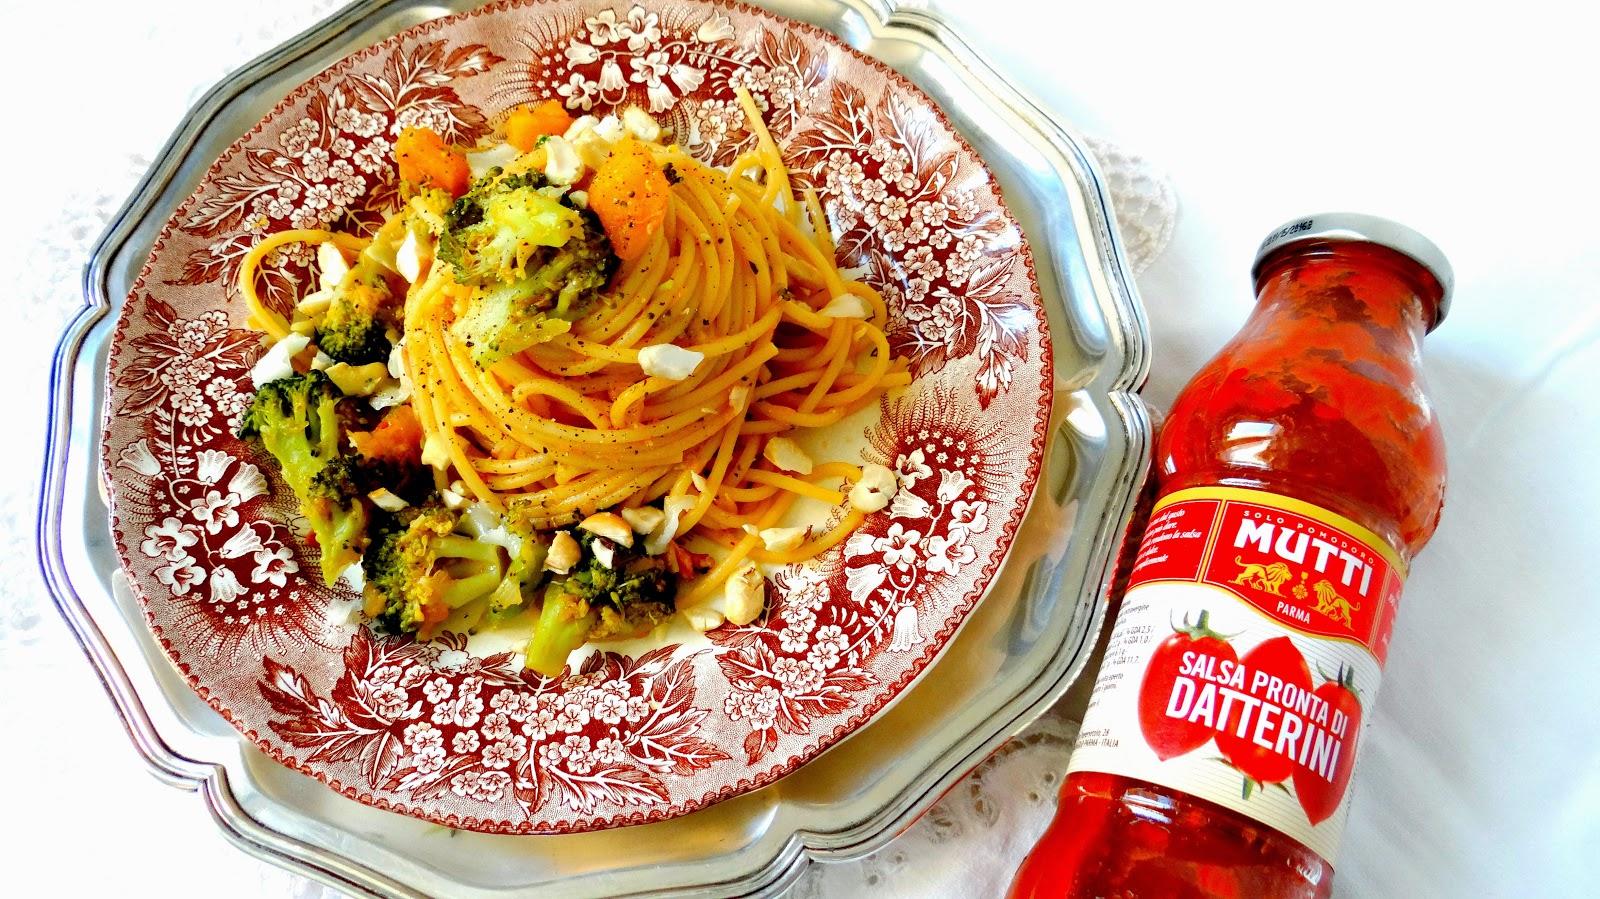 Mutti, Matrimonio in Cucina, collaborazione, blog